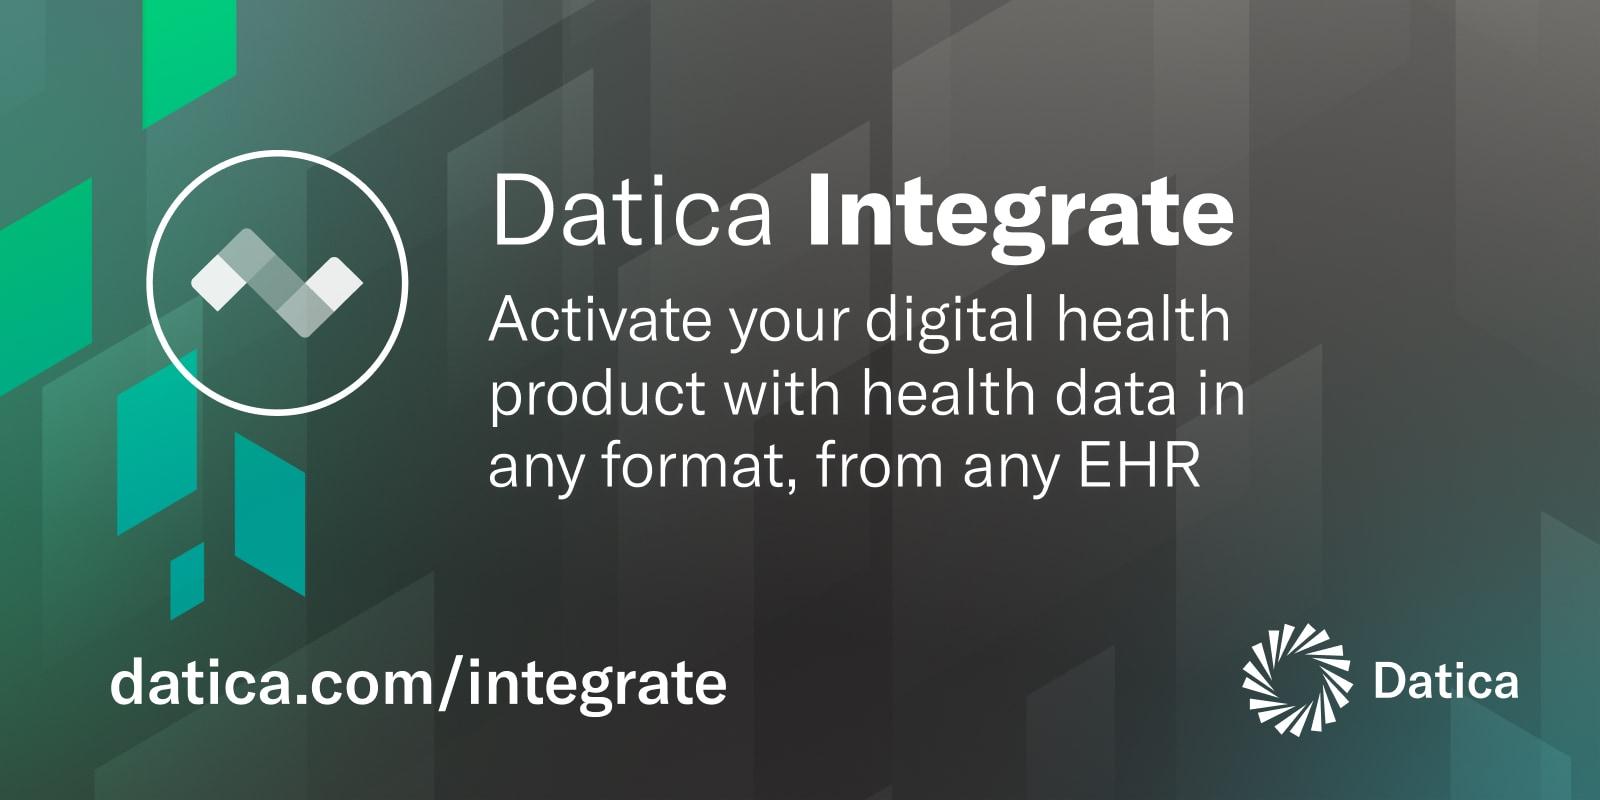 Datica Integrate | Compliant Health Data Integration